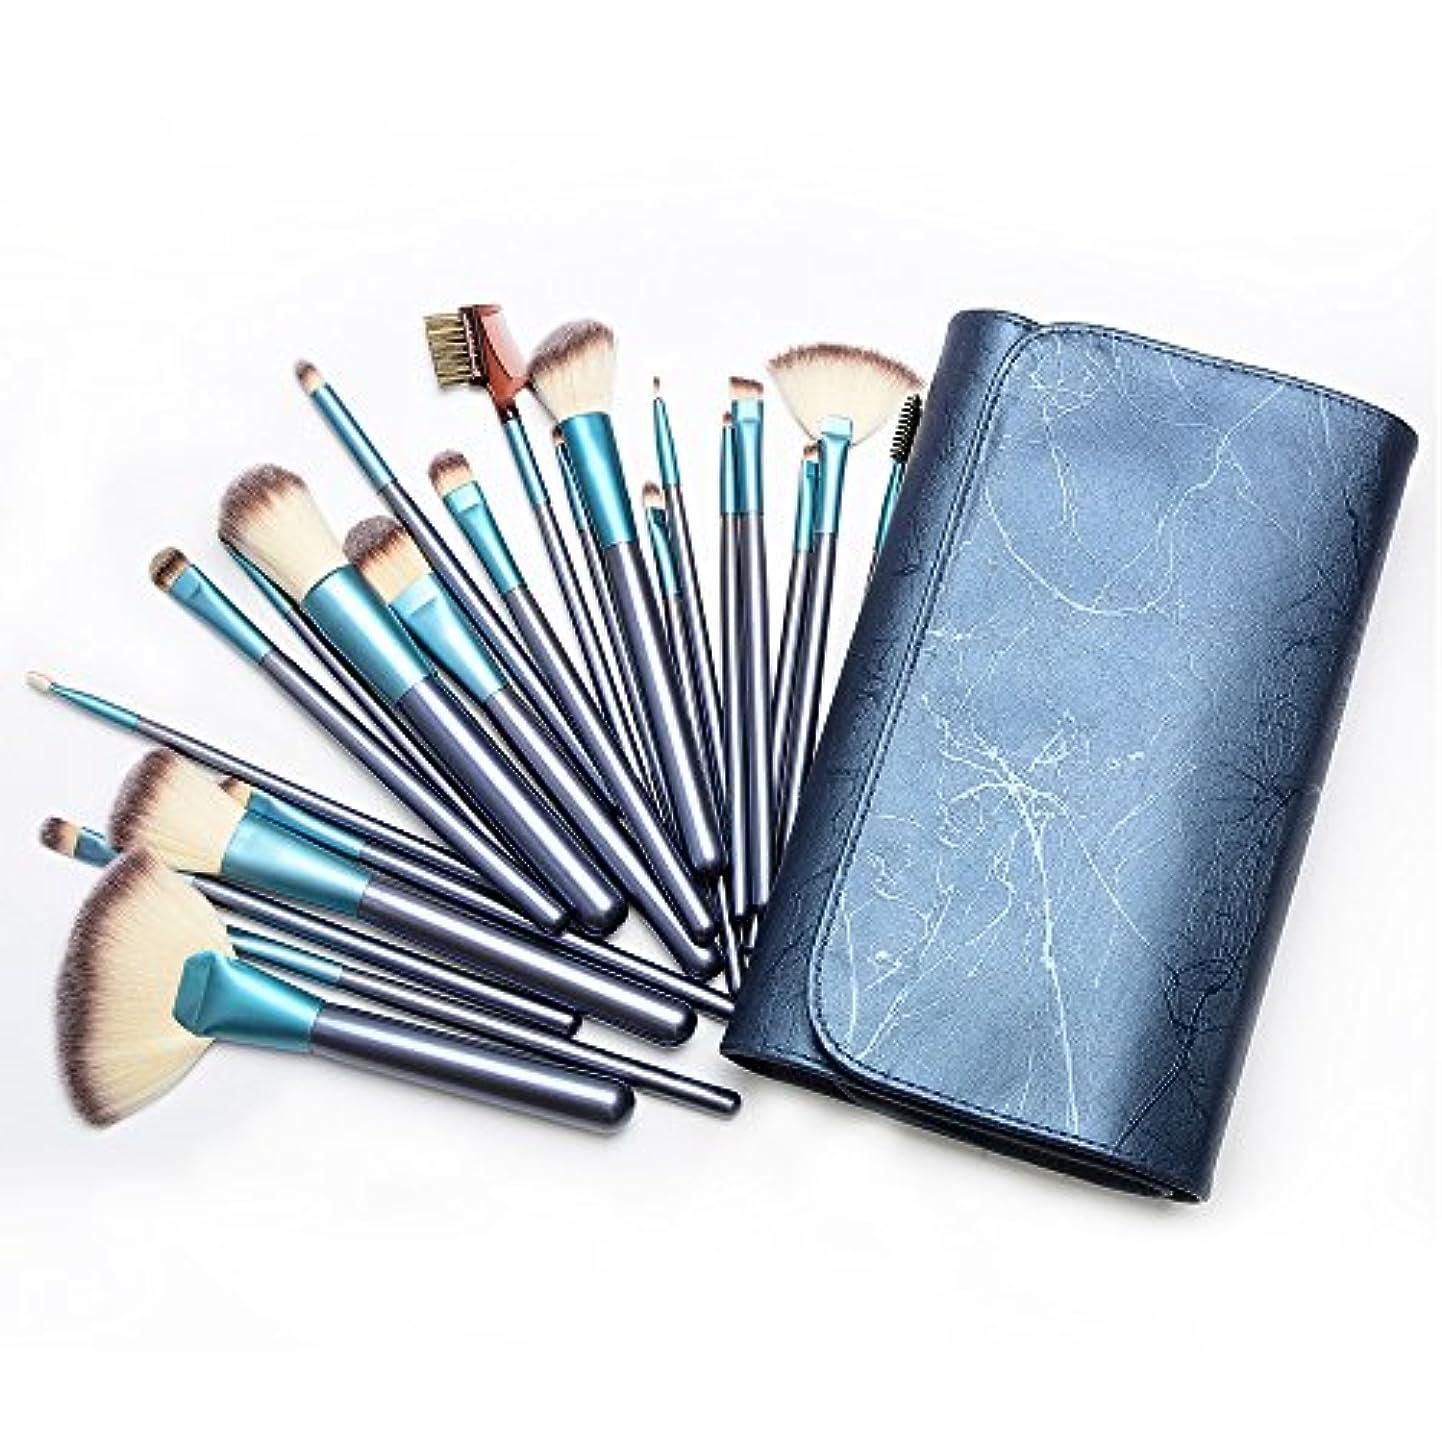 免疫する穿孔するはっきりとメイクブラシ 化粧筆 22本セット 高級繊維毛 高級木材柄 アルミニウム管 化粧ポーチ付き (ブルー)